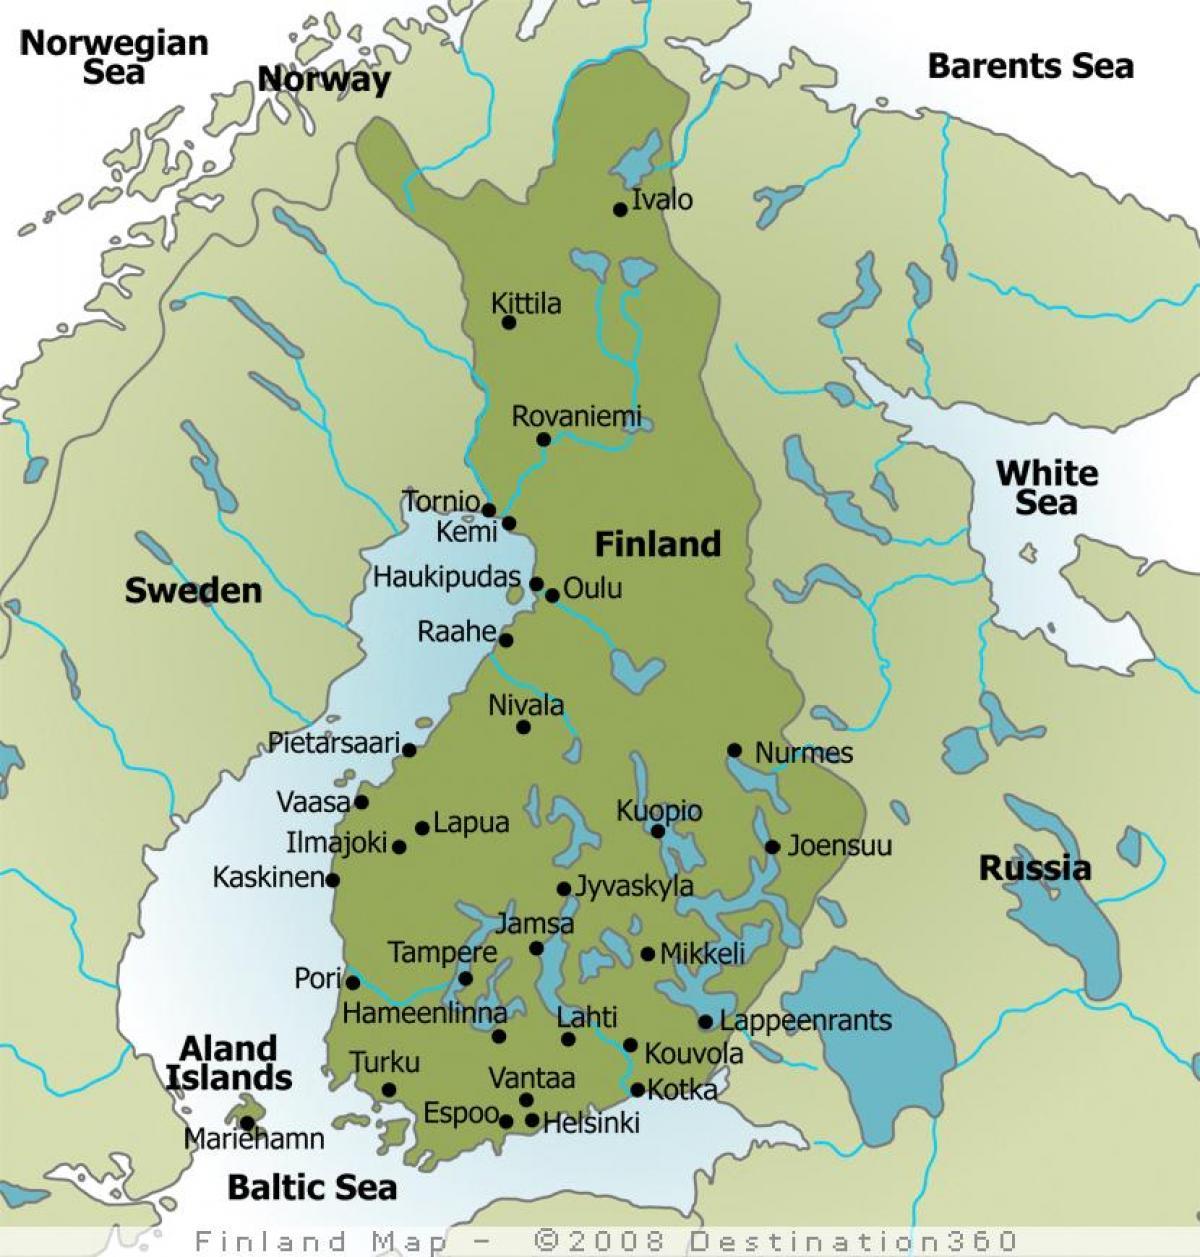 Camping Karta Europa.Camping Finland Karta Karta Over Campingen Finland Norra Europa